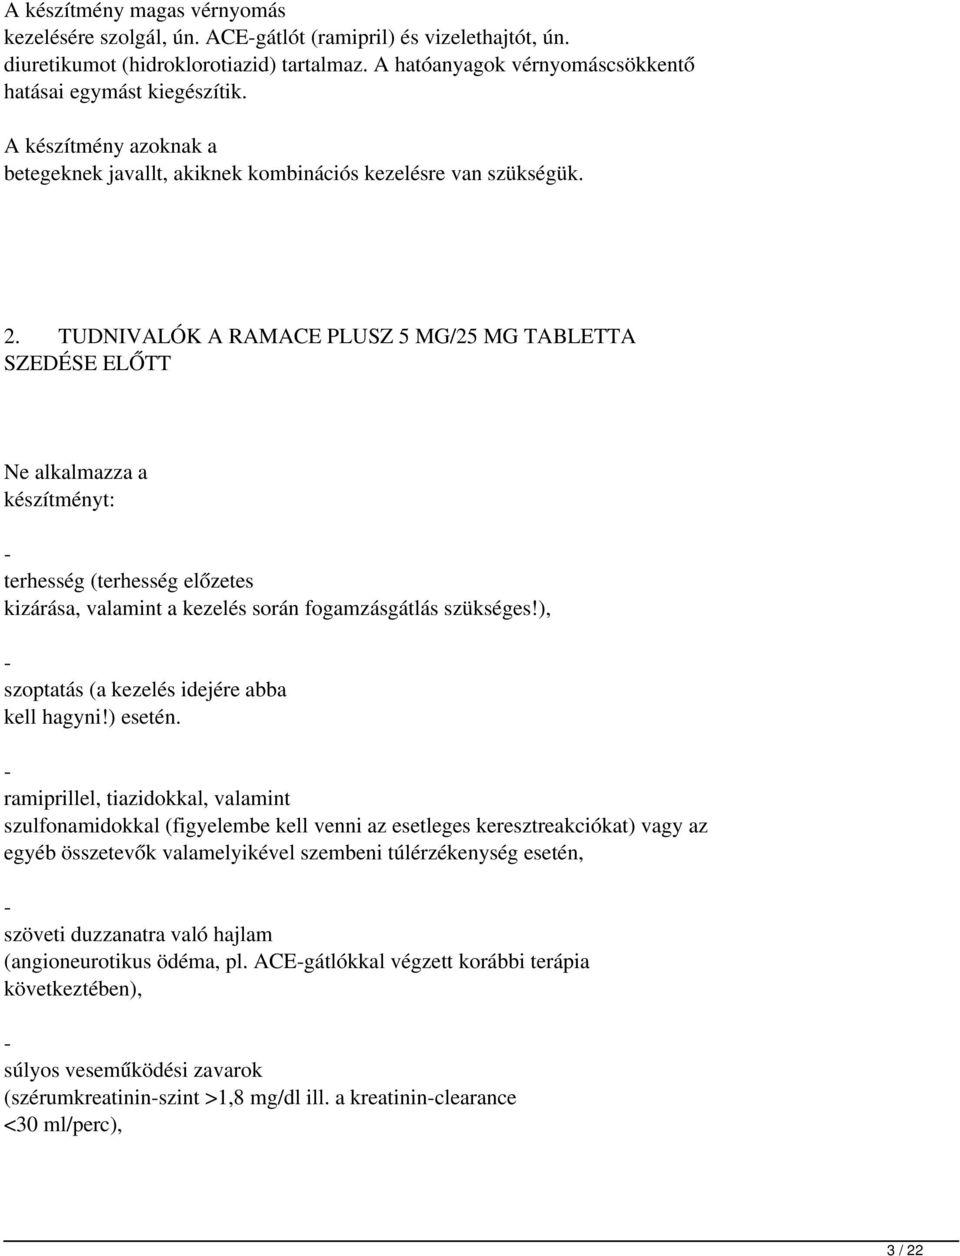 Vesefunkció labor, laborvizsgálati csomag - Medicover Laborvizsgálatok